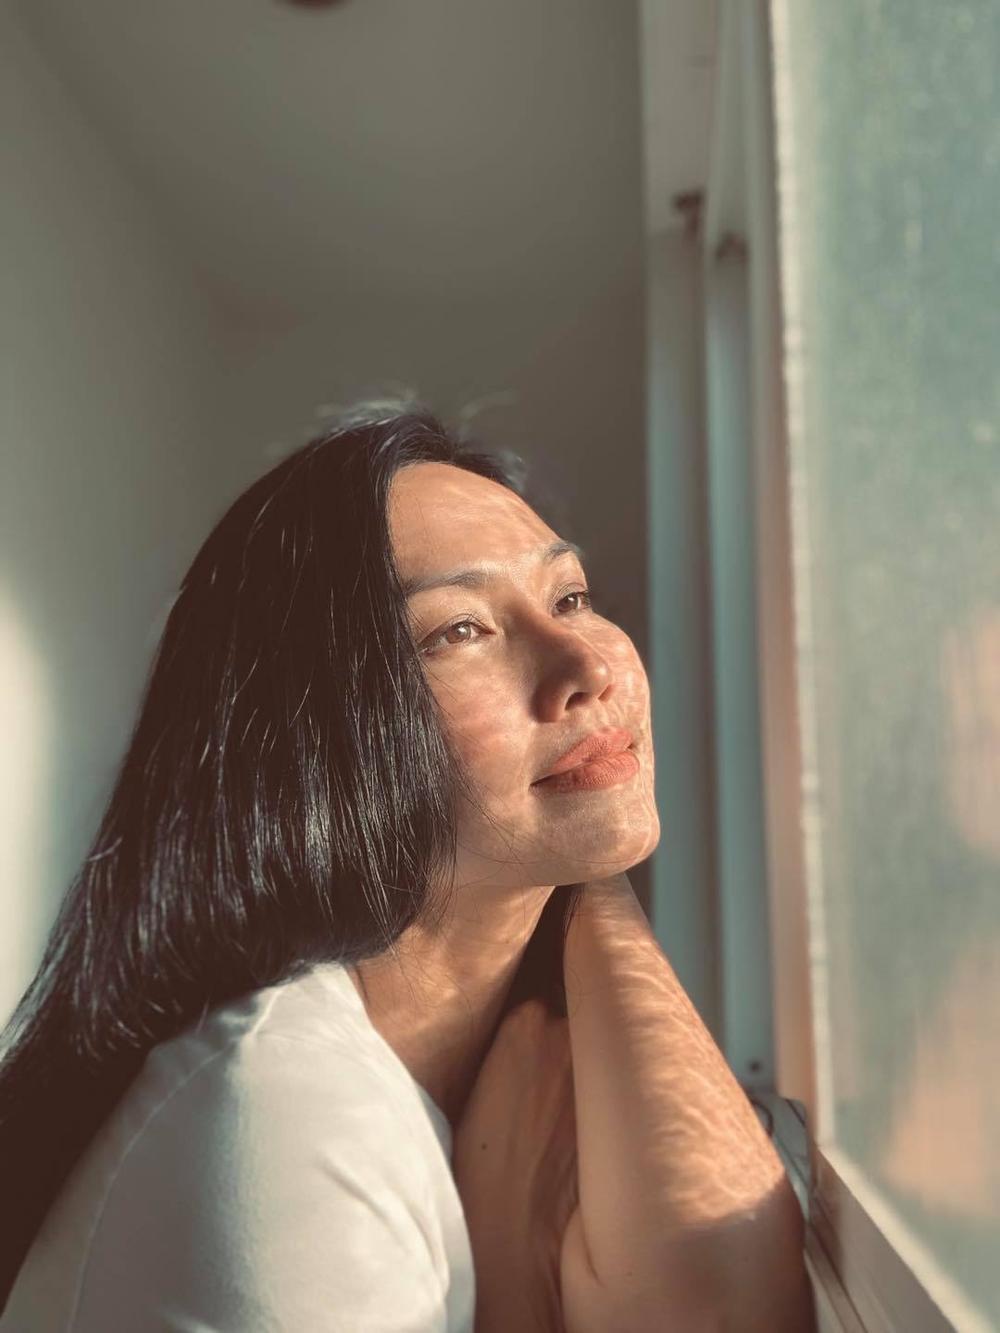 Kim Hiền nghẹn ngào rơi nước mắt trước lễ cúng đặt bài vị sau hơn 100 ngày của mẹ Ảnh 7